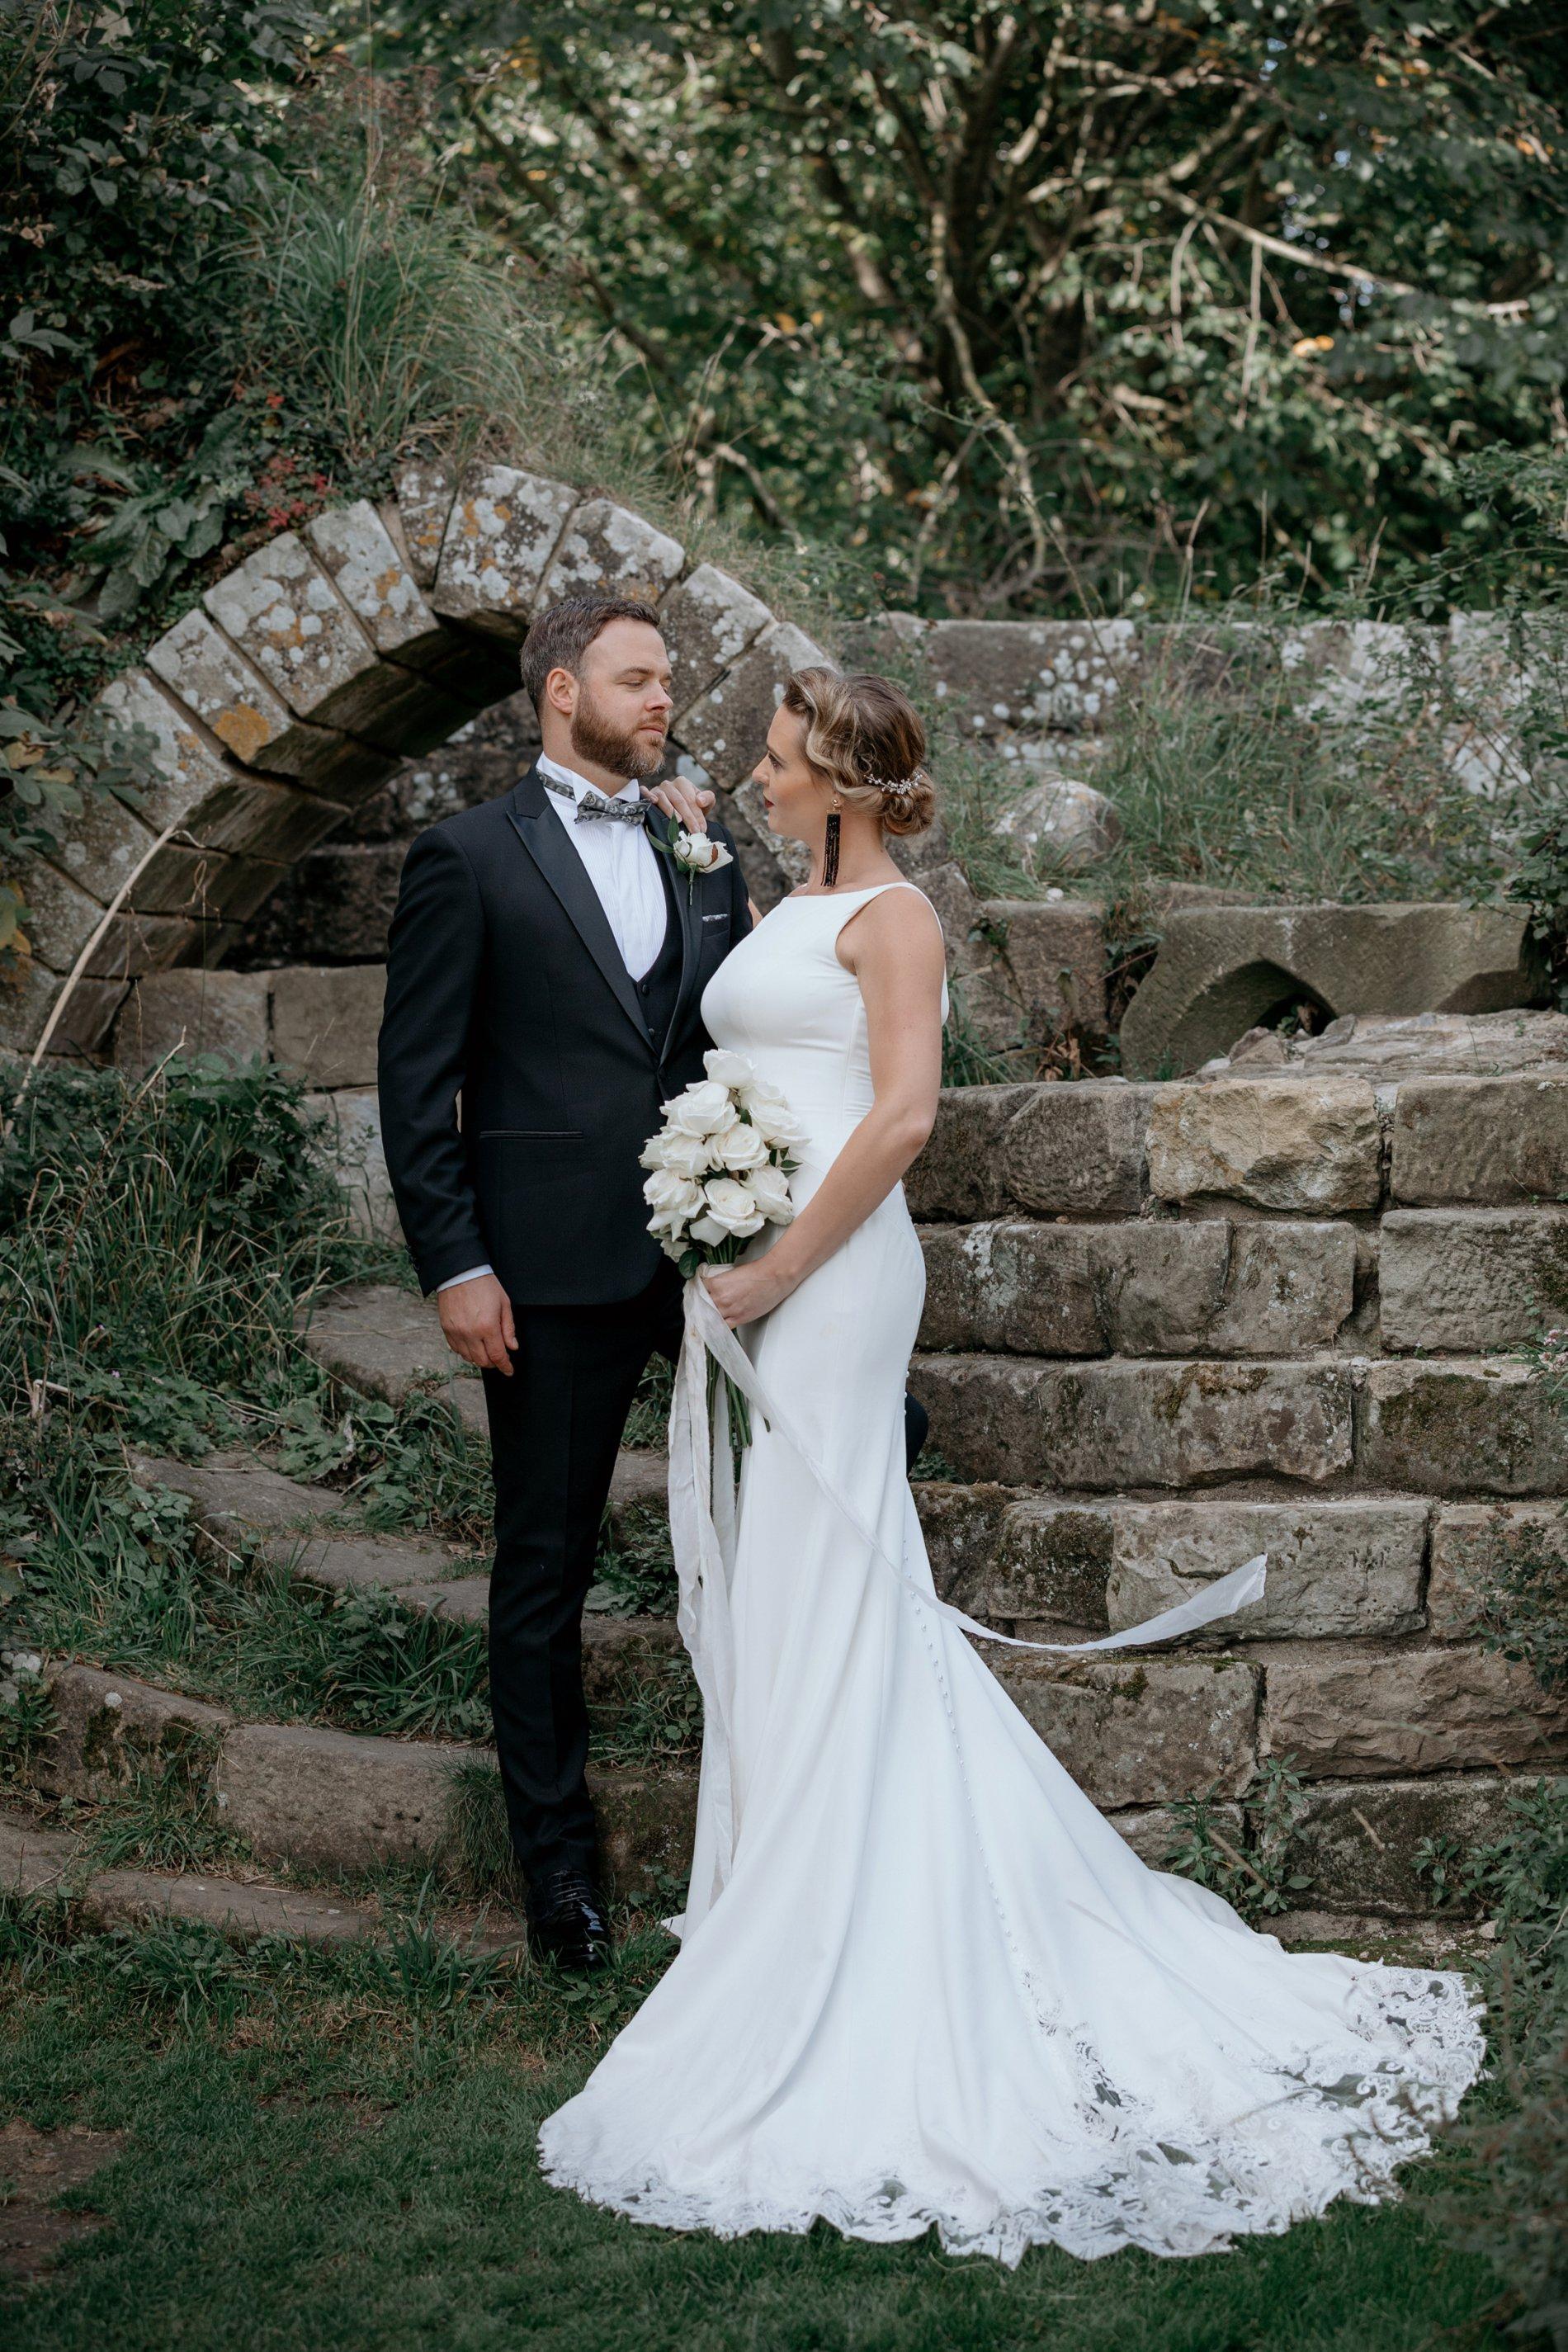 An Elegant Wedding Shoot at Jervaulx Abbey (c) Natalie Hamilton Photography (9)